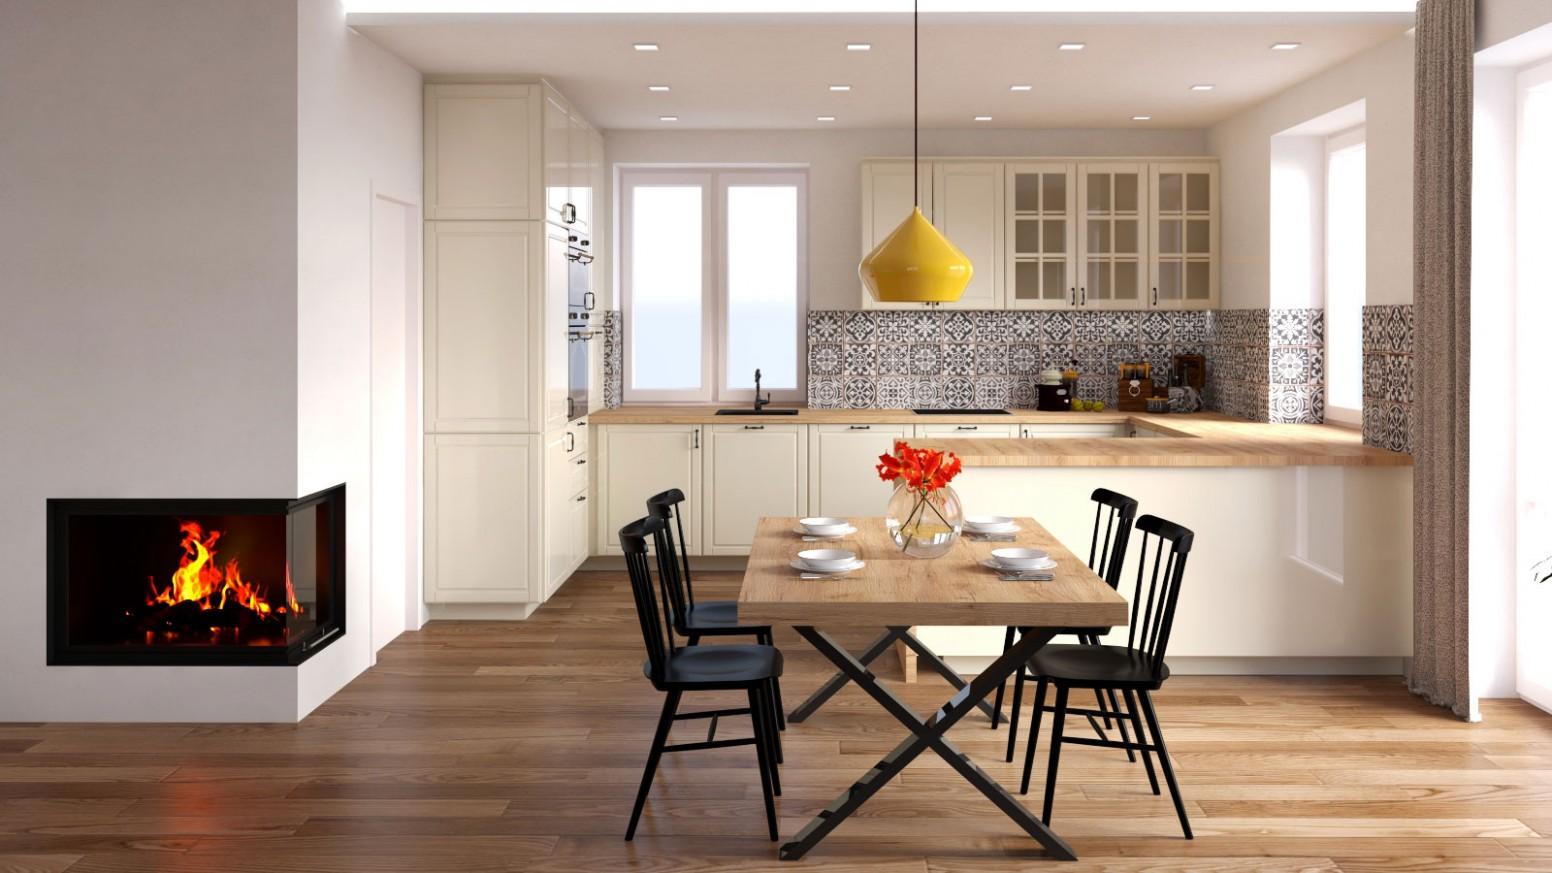 Jak bude Rustikální kuchyně v budoucnu – Rustikální Kuchyne